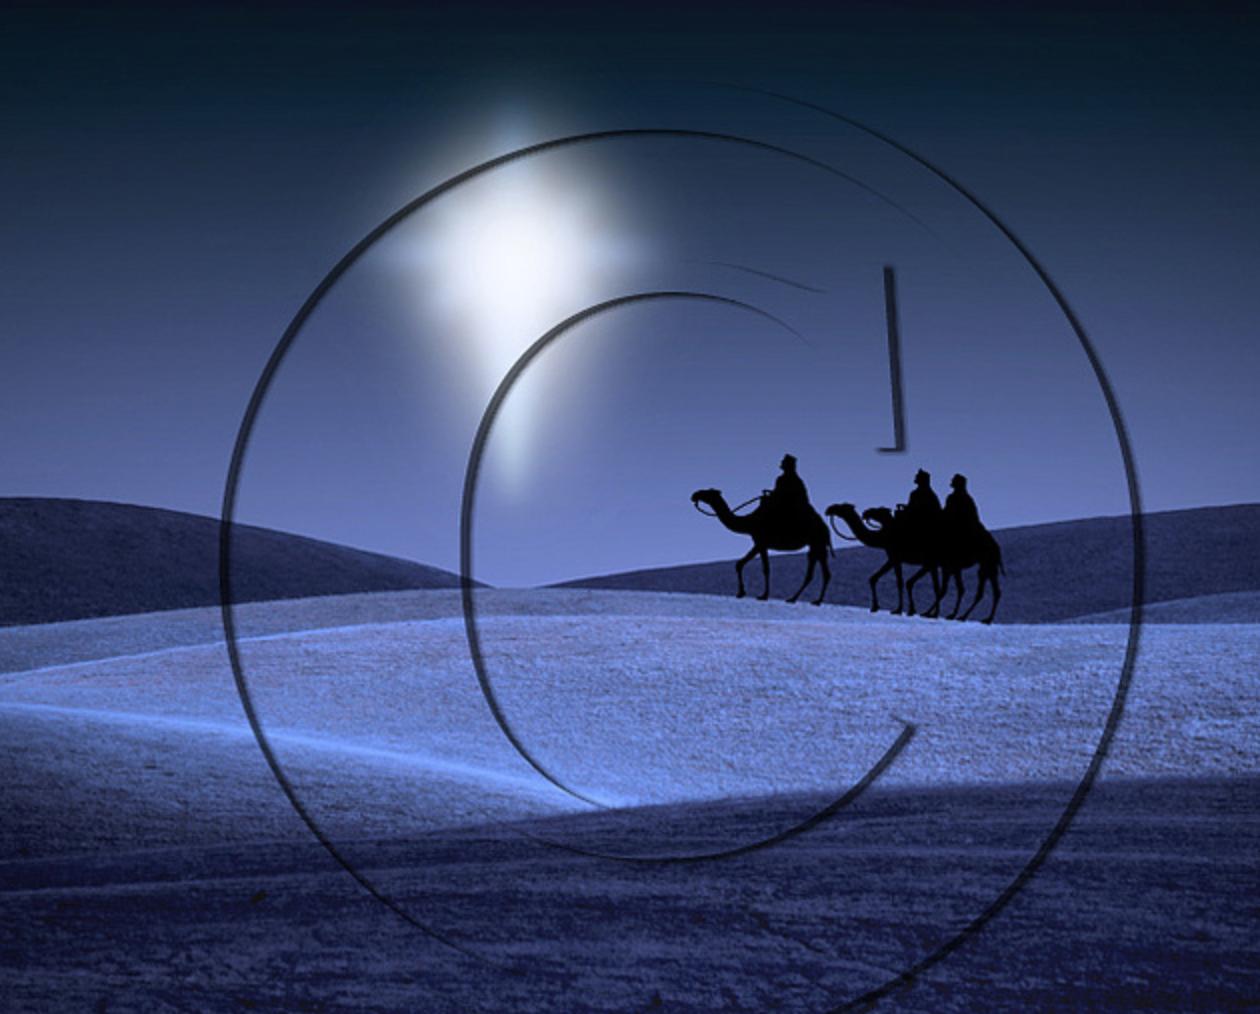 التنبؤ بمكان ولادة المسيح